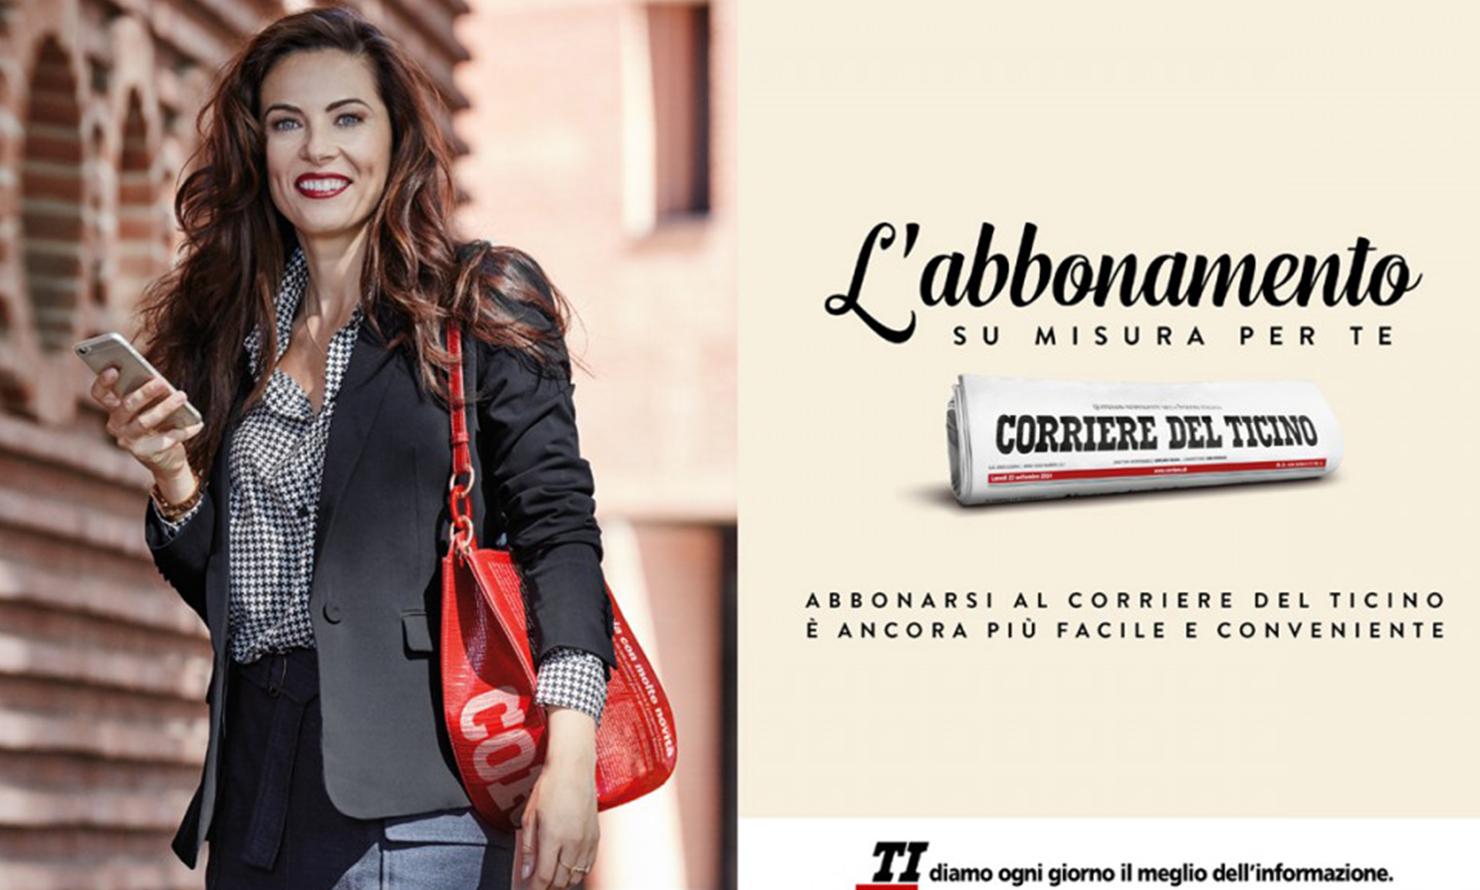 https://kubelibre.com/uploads/Slider-work-tutti-clienti/corriere-del-ticino-l-abbonamento-su-misura-per-te-6.jpg